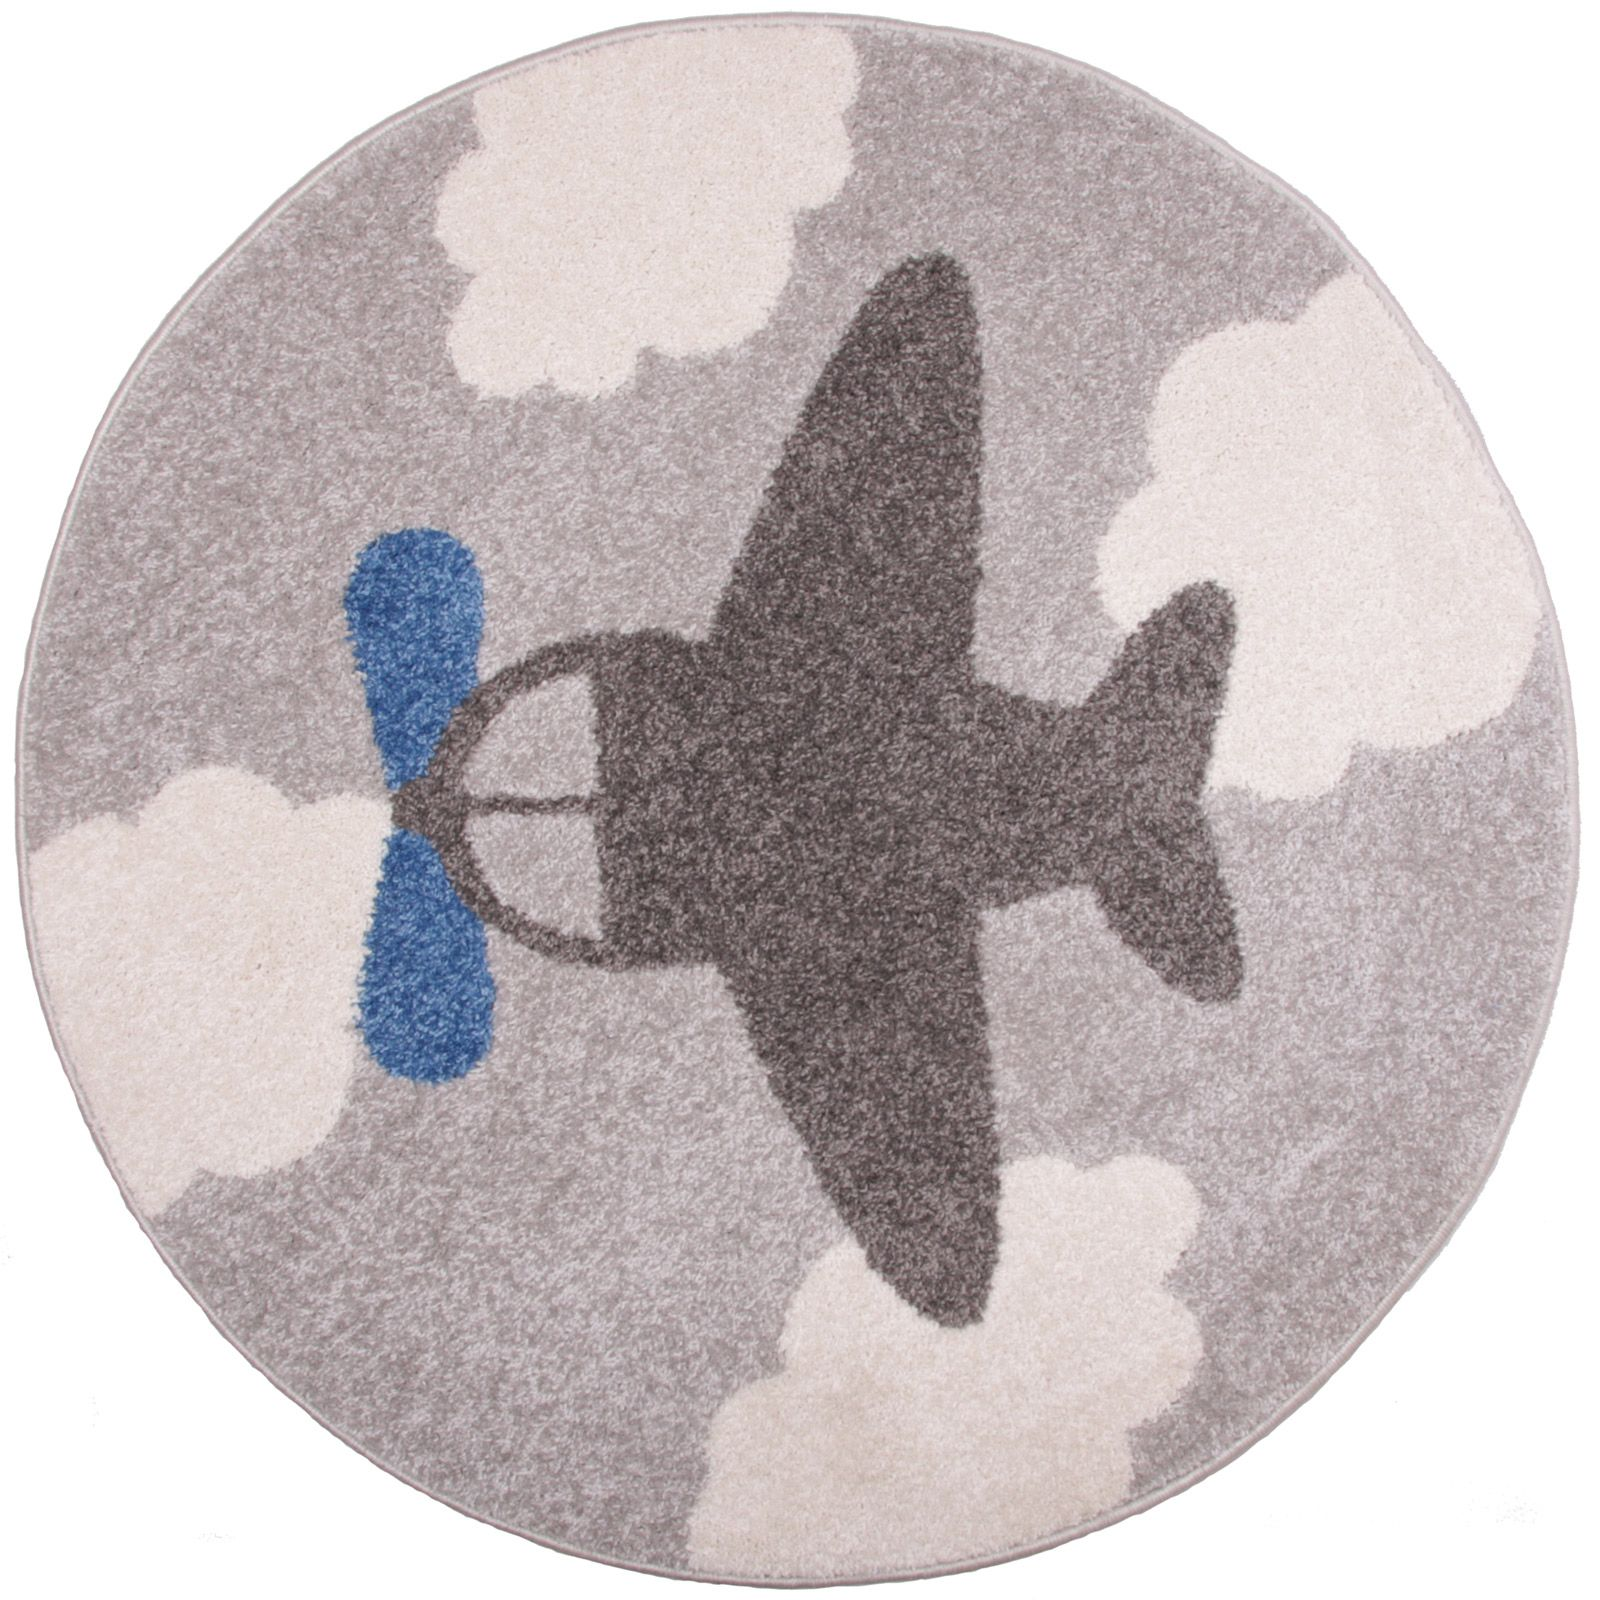 Tapis garçon Little Plane avion gris et bleu (diamètre 100 cm ...